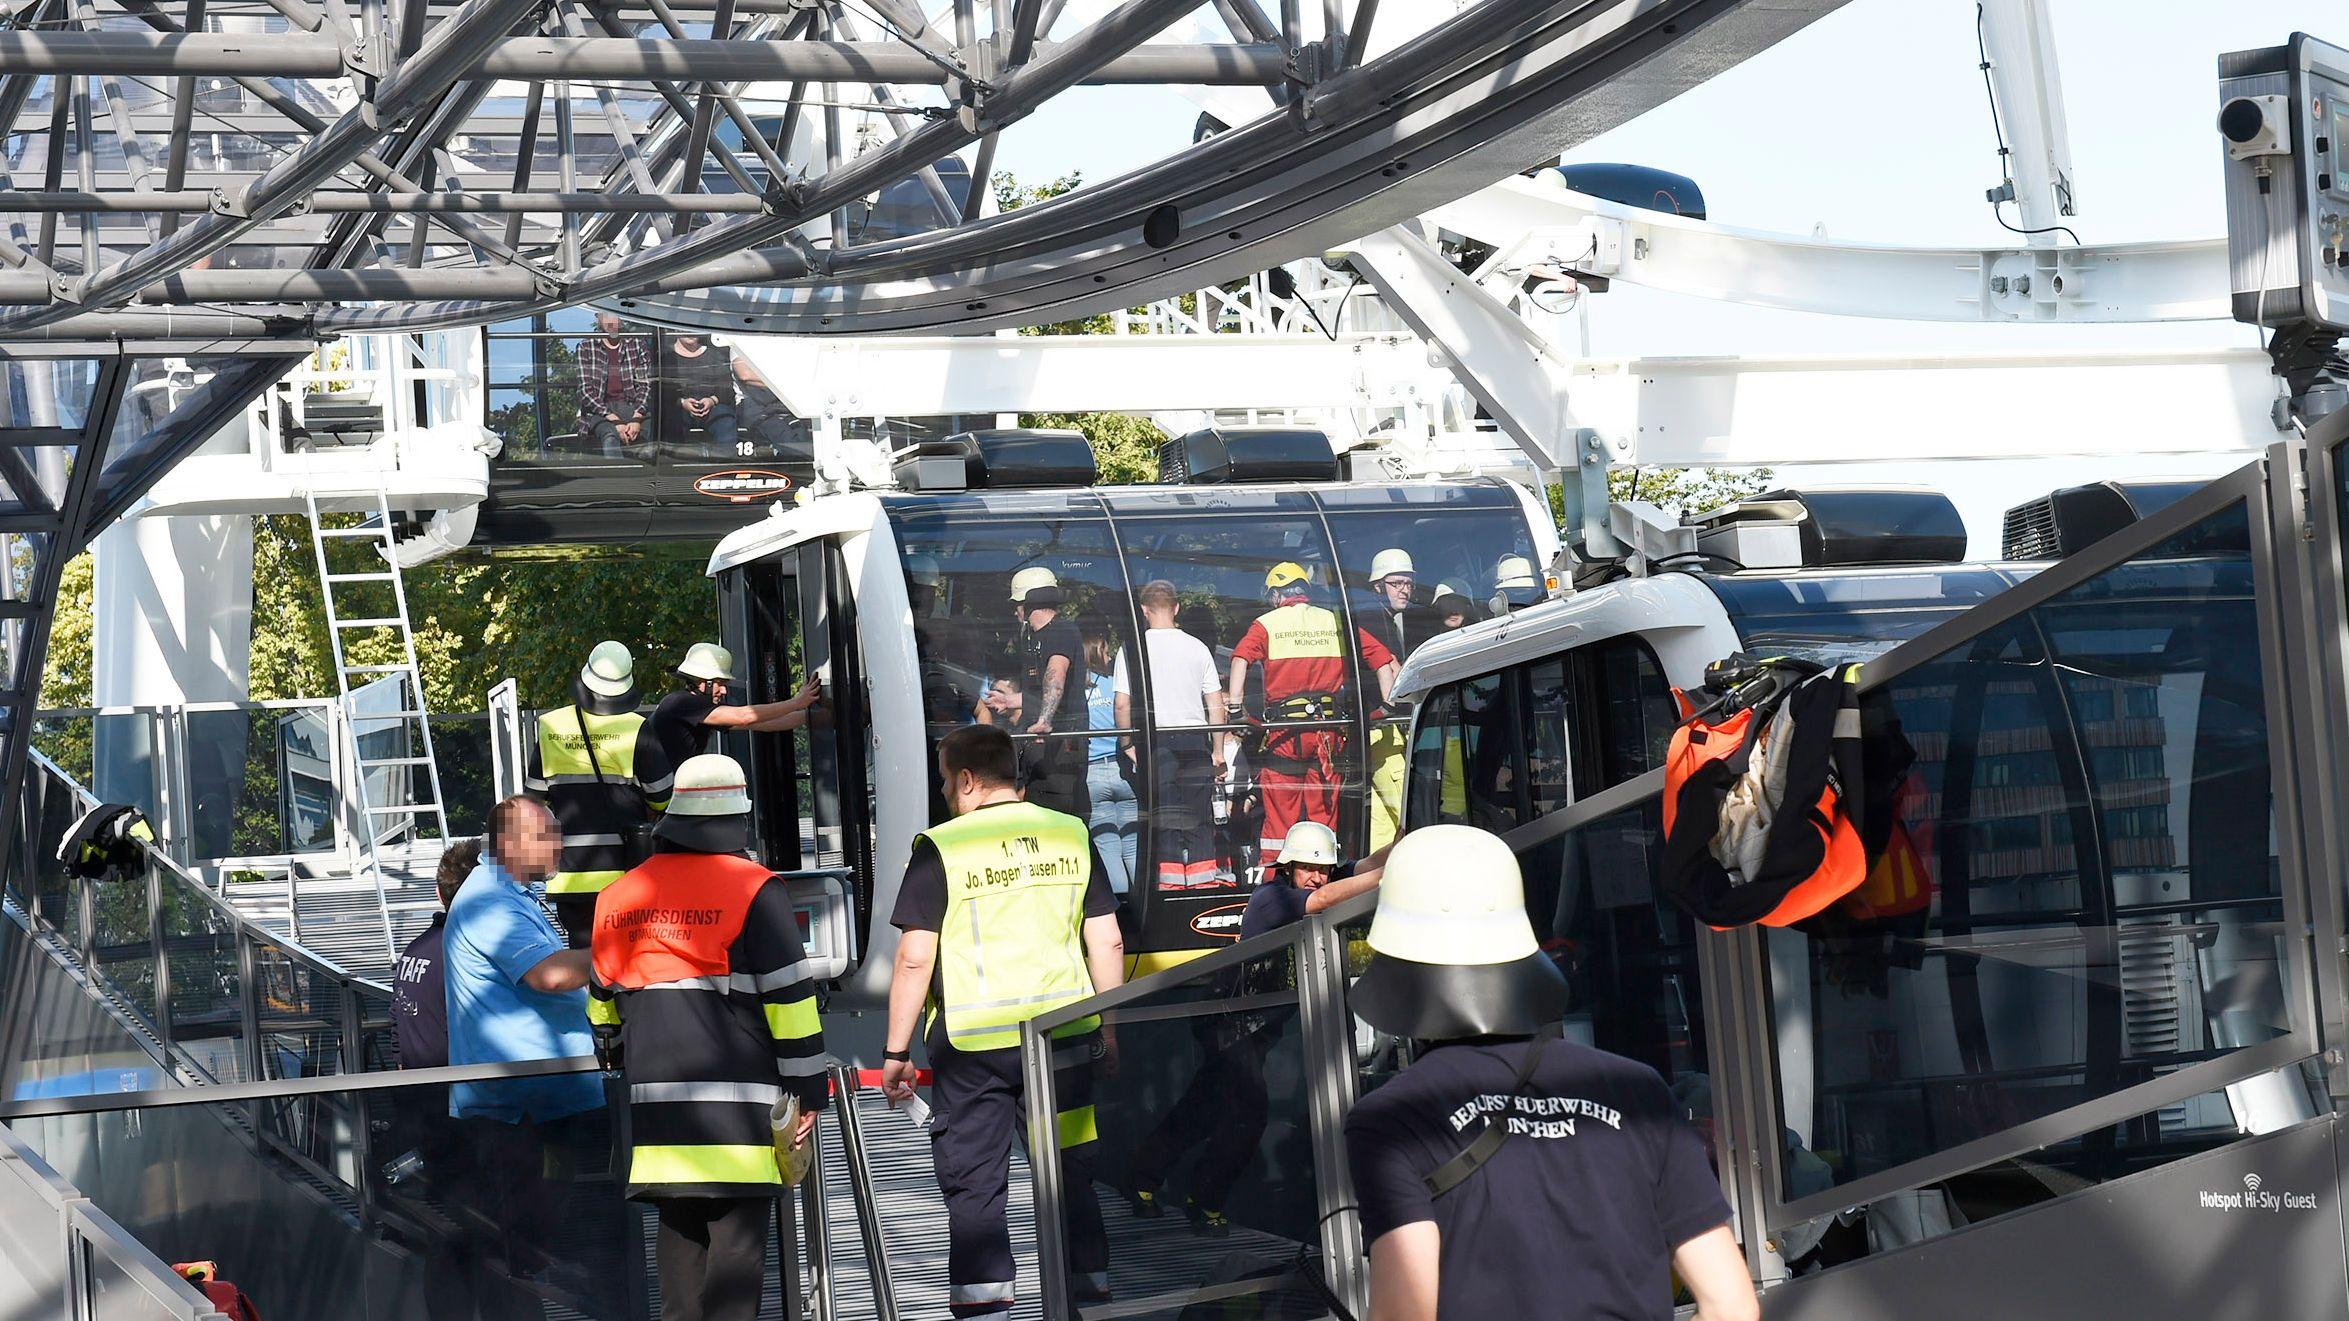 Feuerwehrmänner beschweren nach und nach die Gondeln, um das Riesenrad anzutreiben